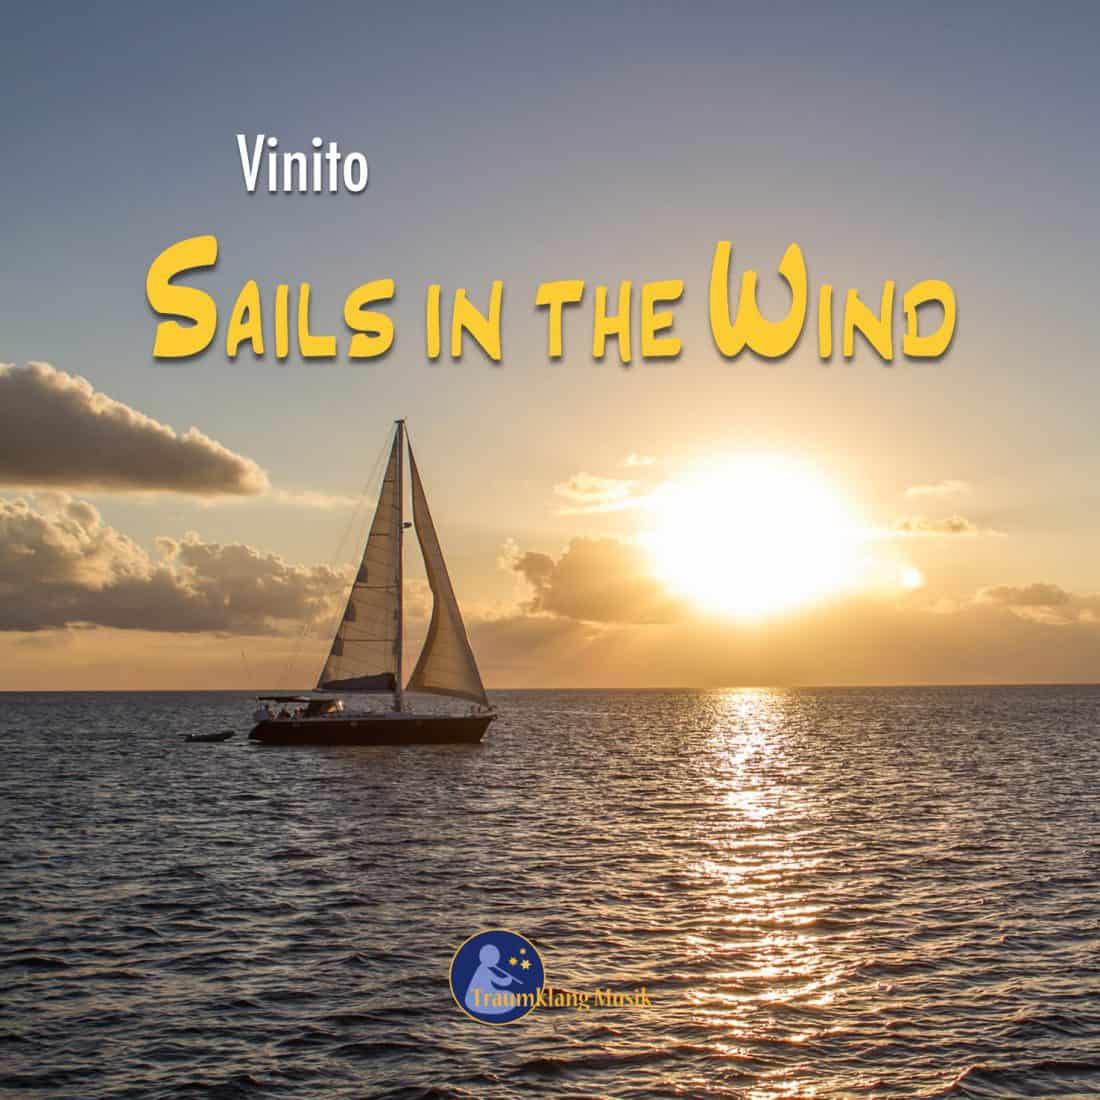 Sails in the Wind: Entspannungsmusik von Vinito